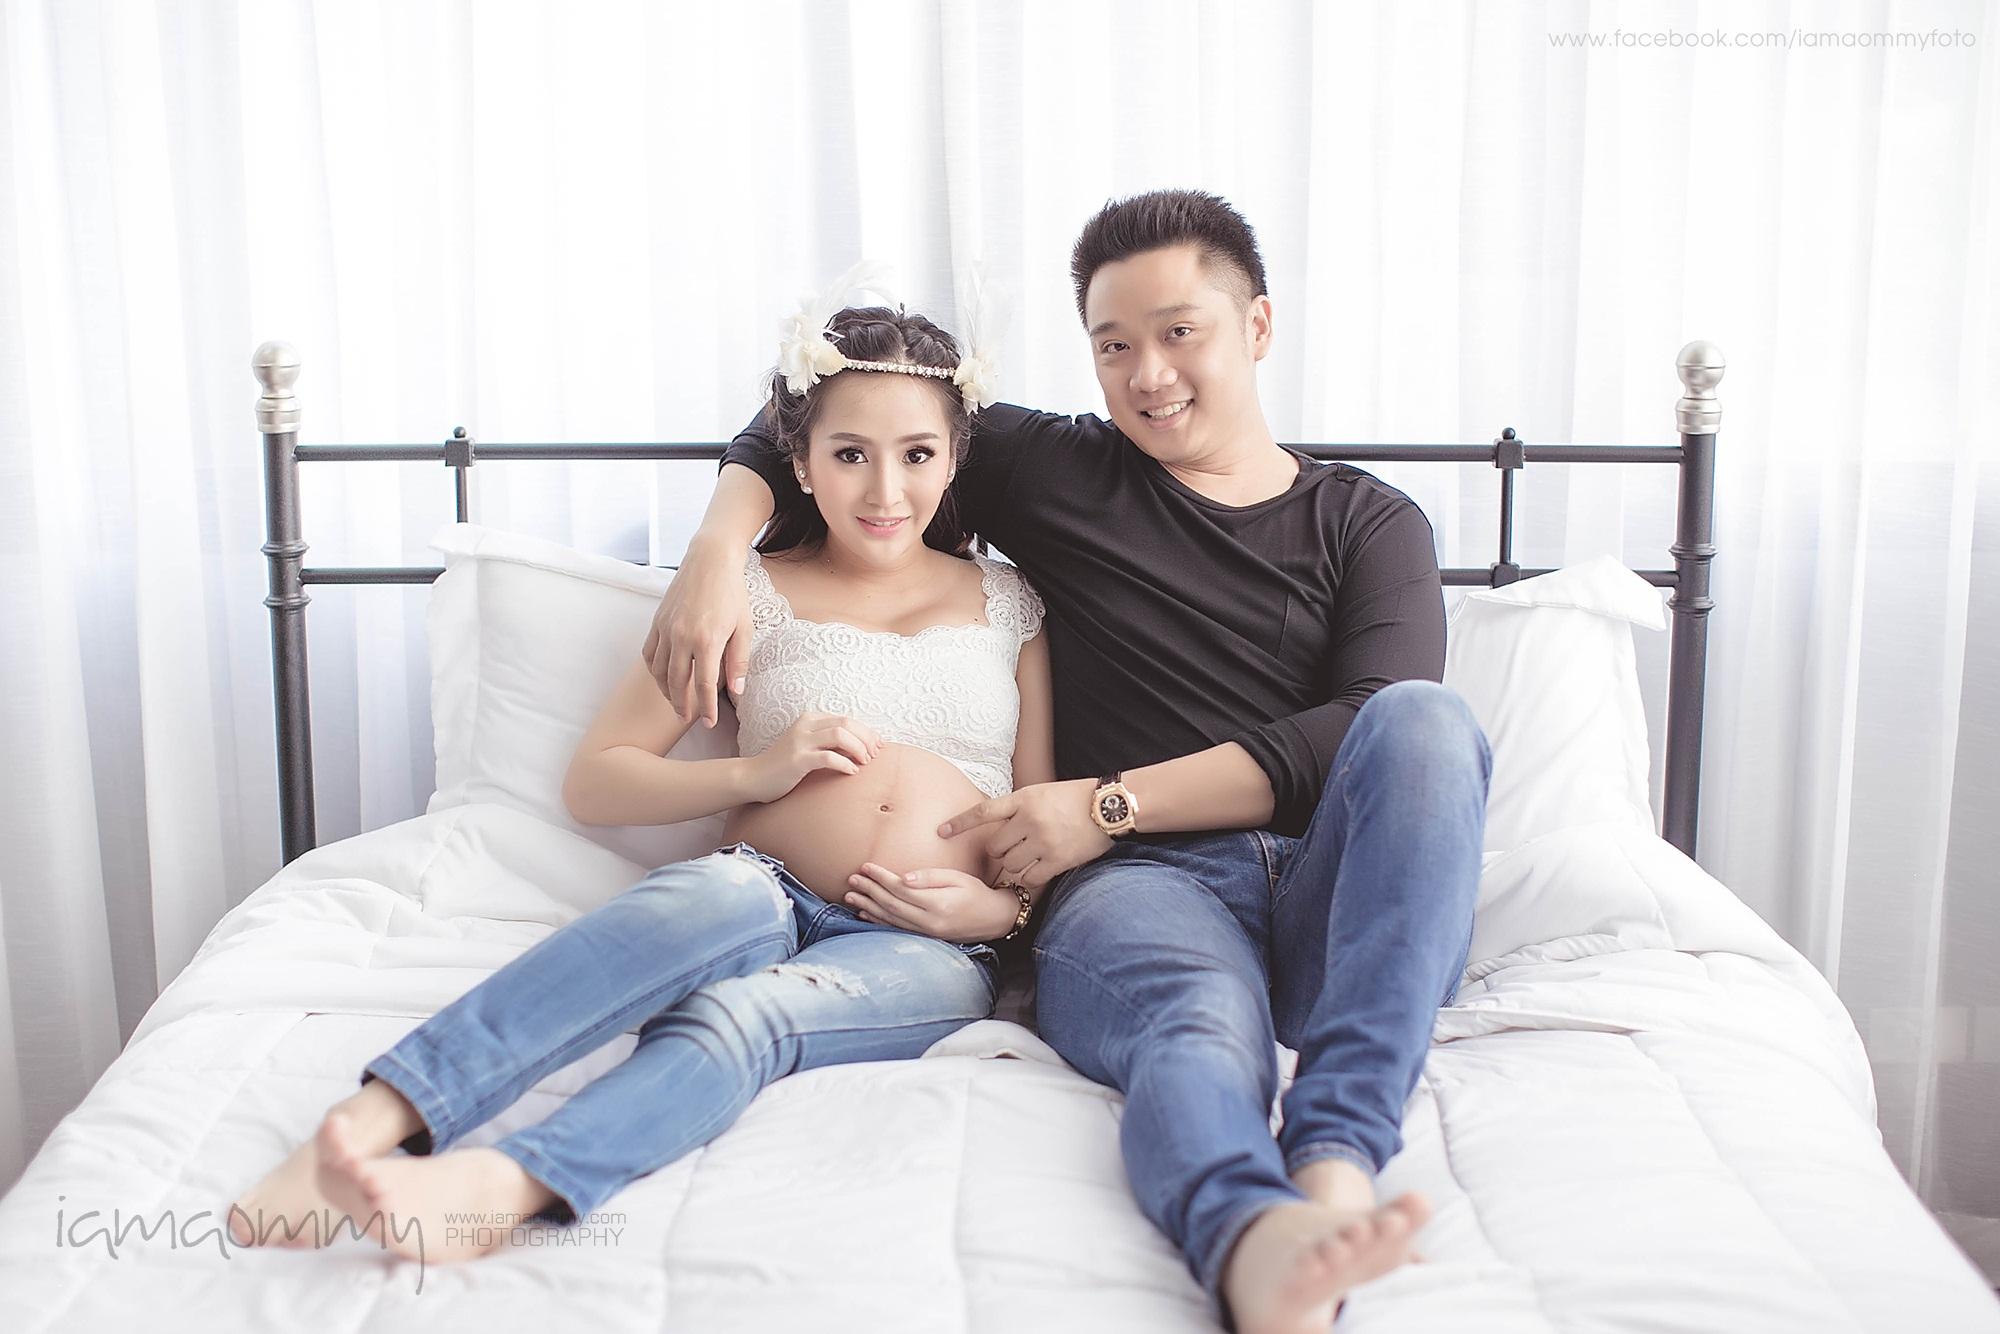 ถ่ายรูปคุณแม่ตั้งครรภ์_Namfon_136